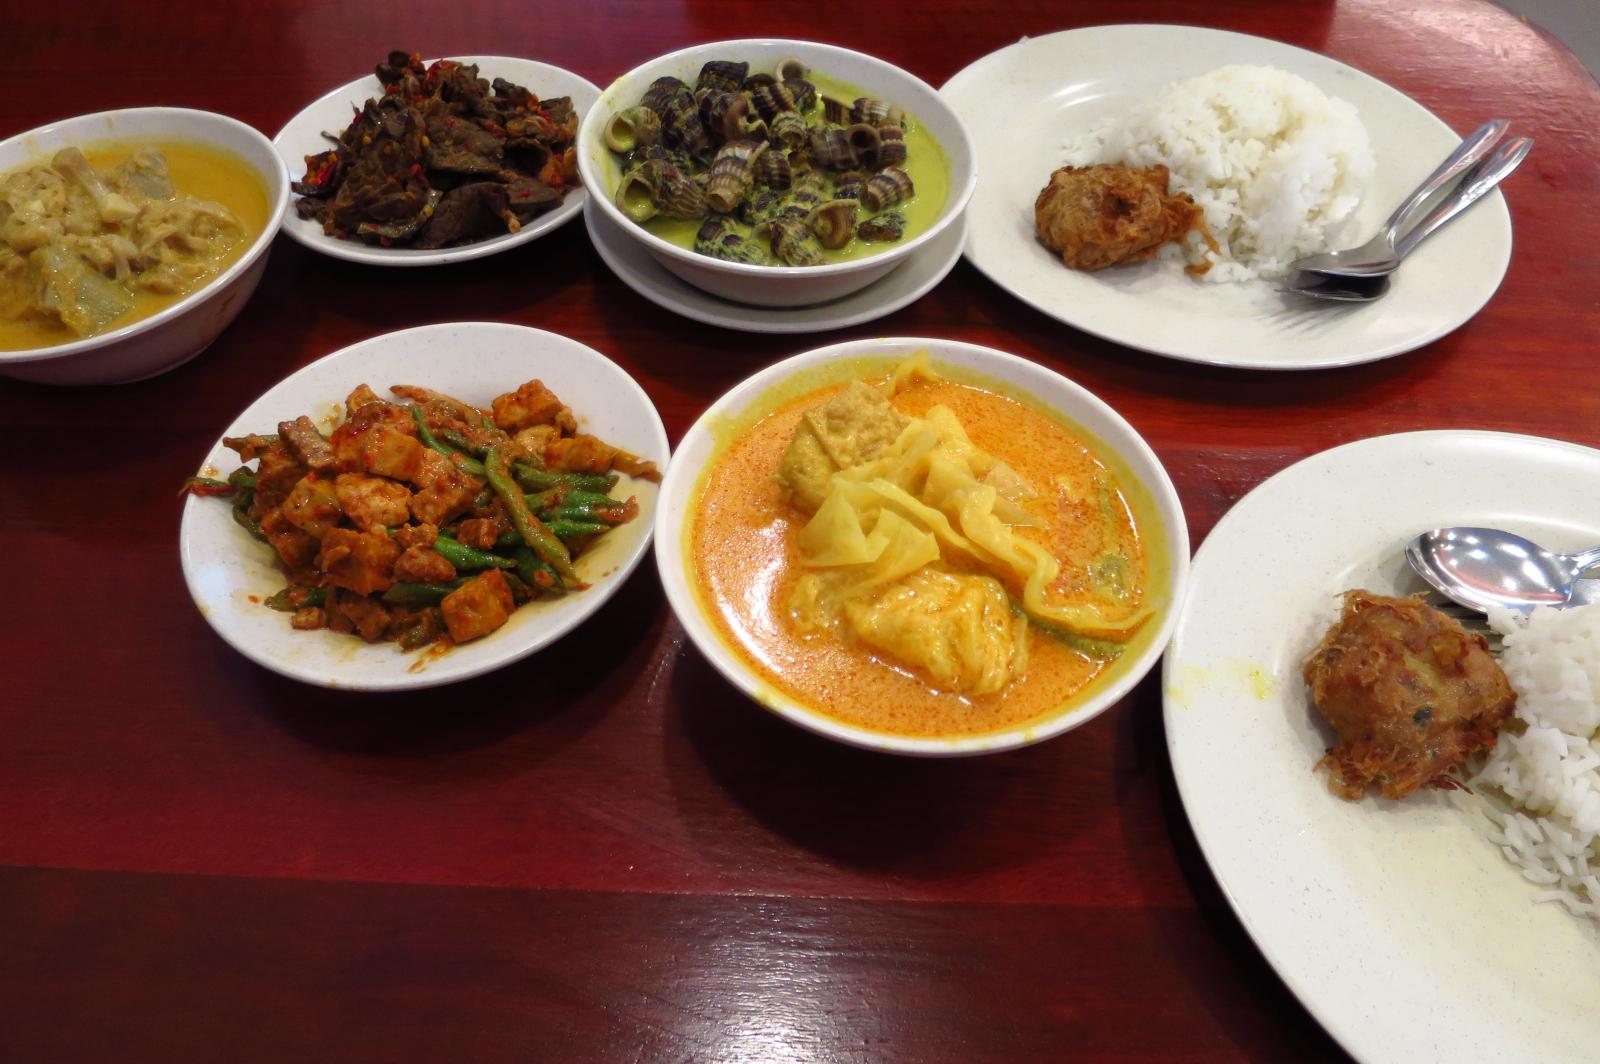 Makan-places-ramadan-venuerific-blog-hajah-maimunah-dishes